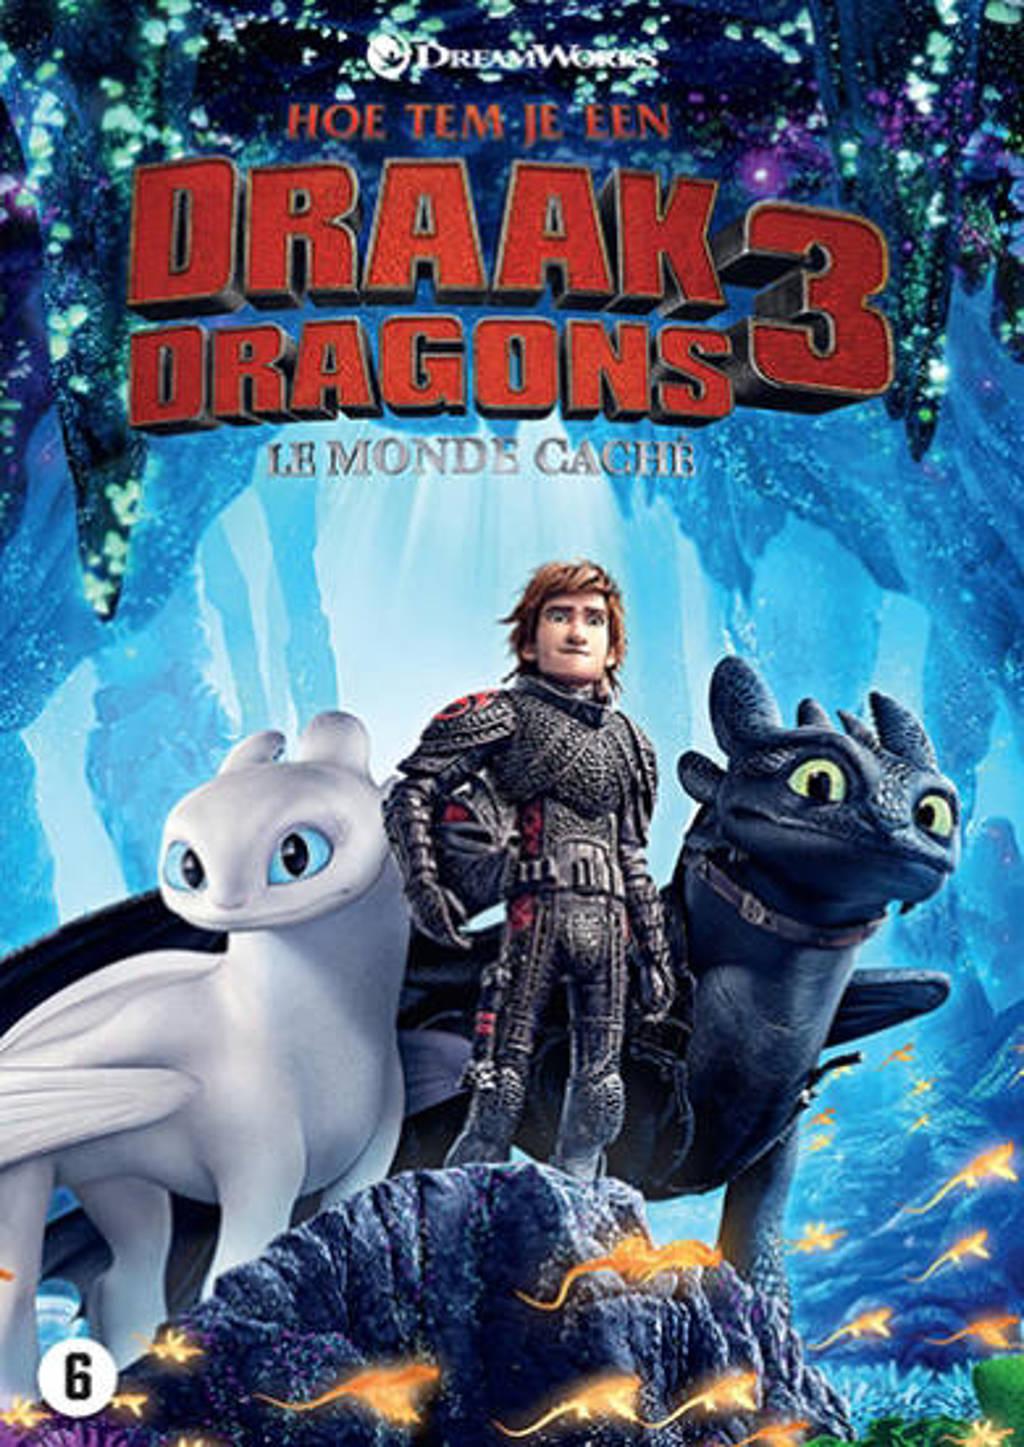 Hoe tem je een draak 3 (DVD)